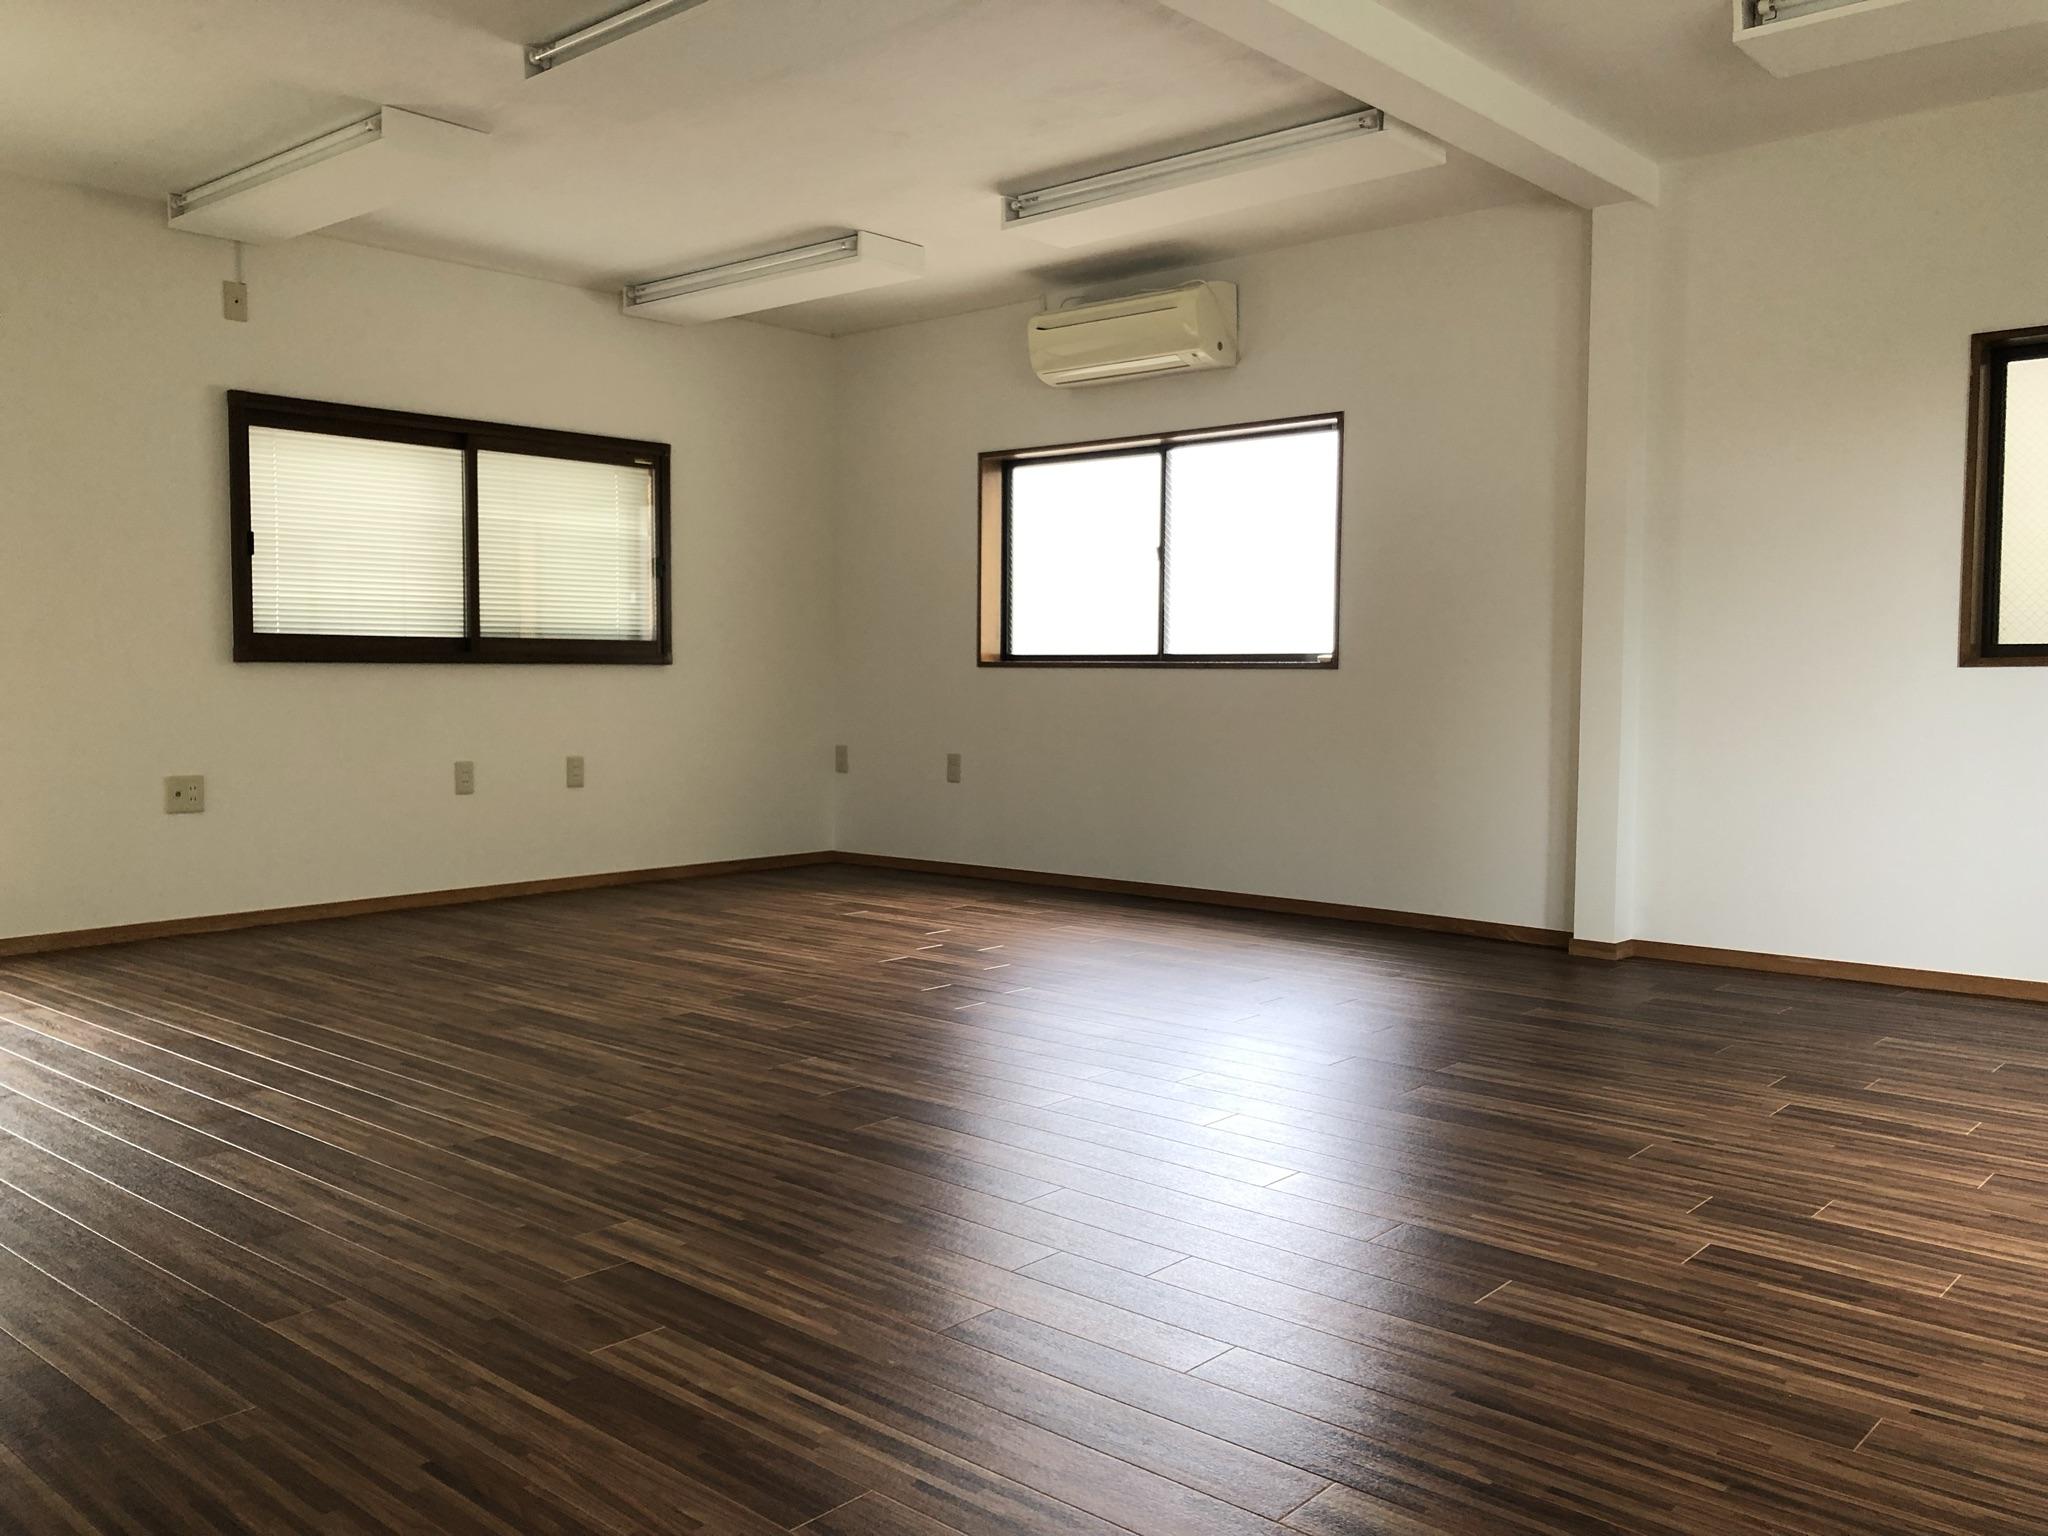 リノベしてきれいな床と白い壁!